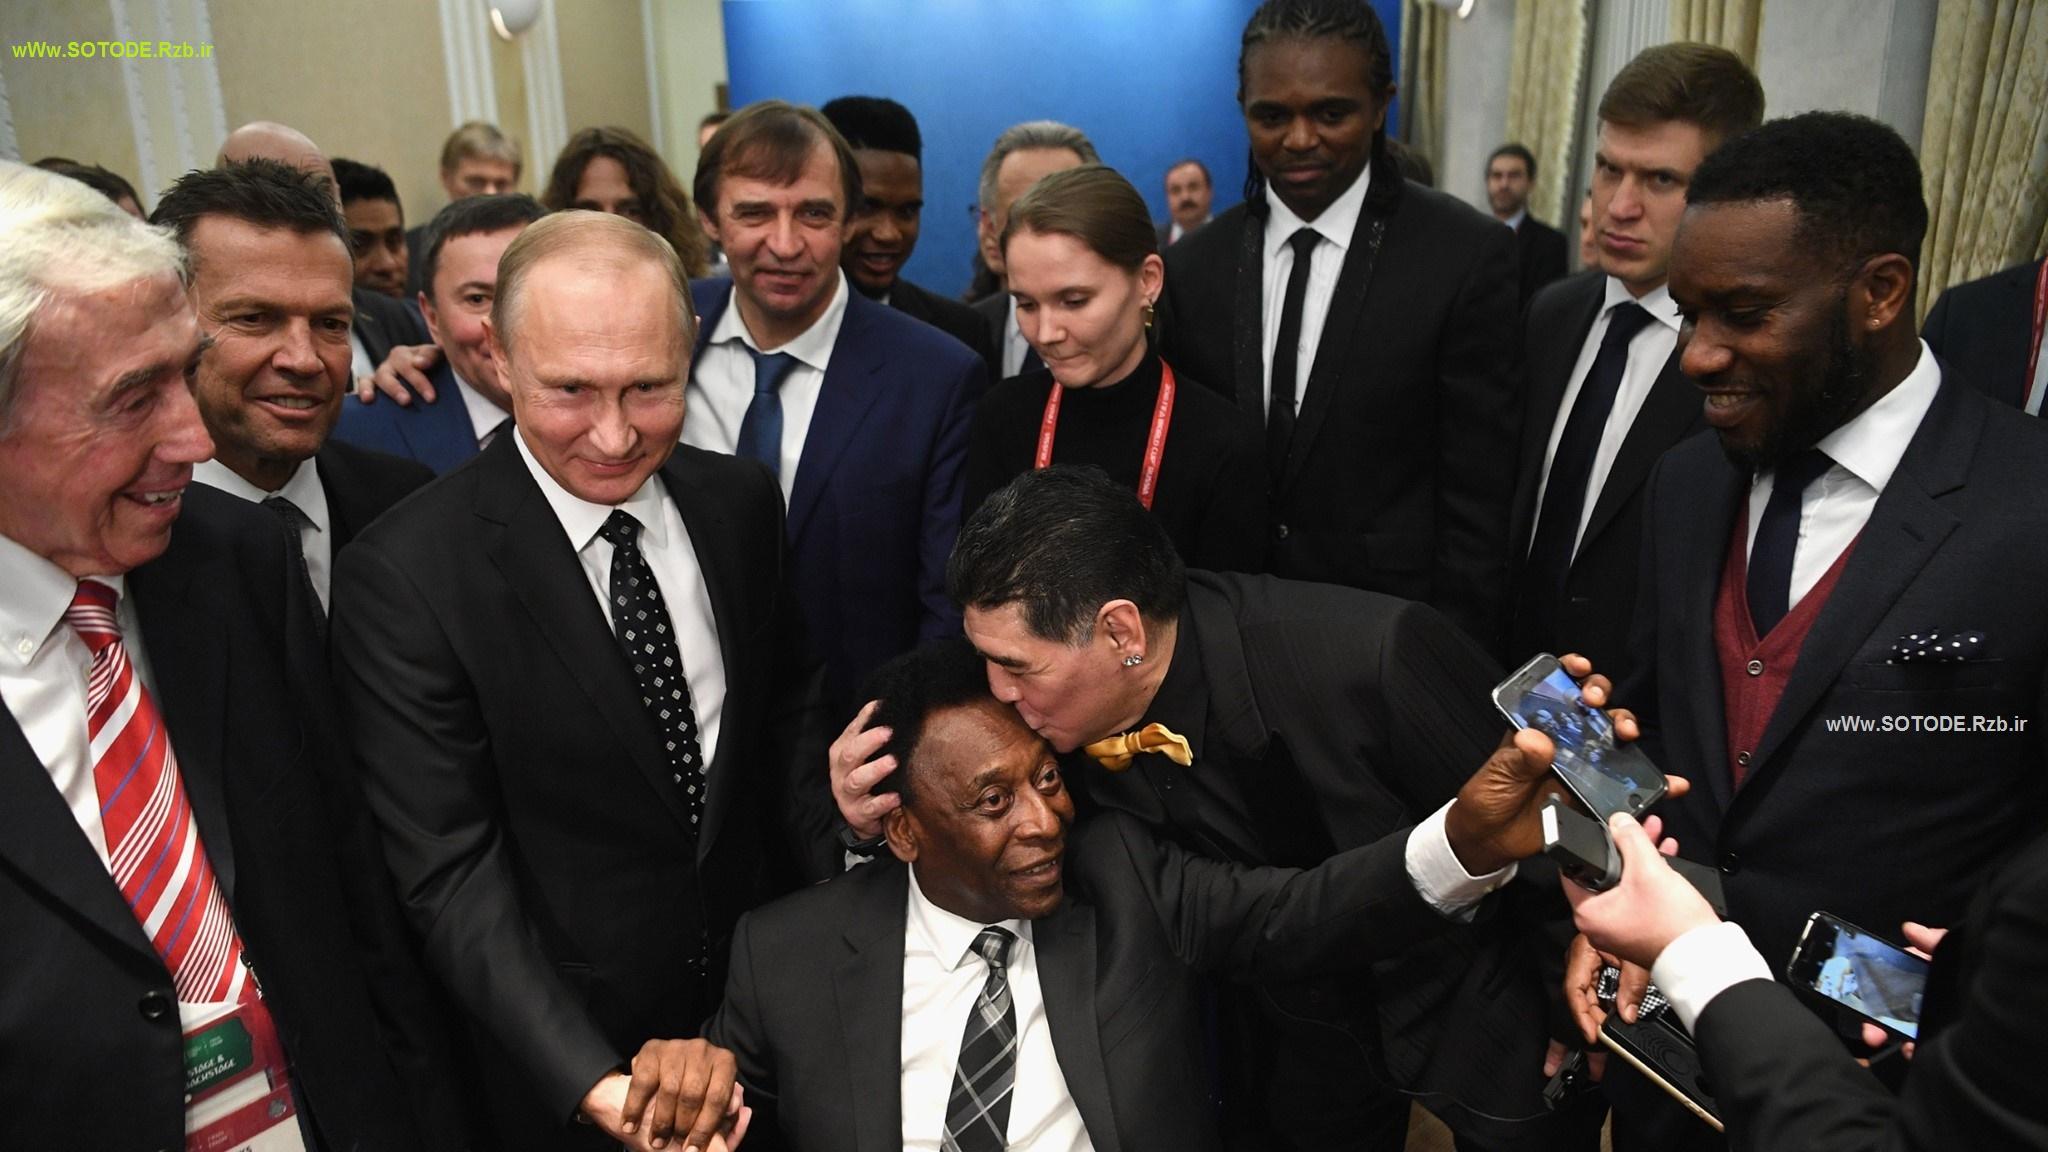 بوسیدن و احترام به پله در مراسم قرعه کشی جام جهانی 2018 روسیه